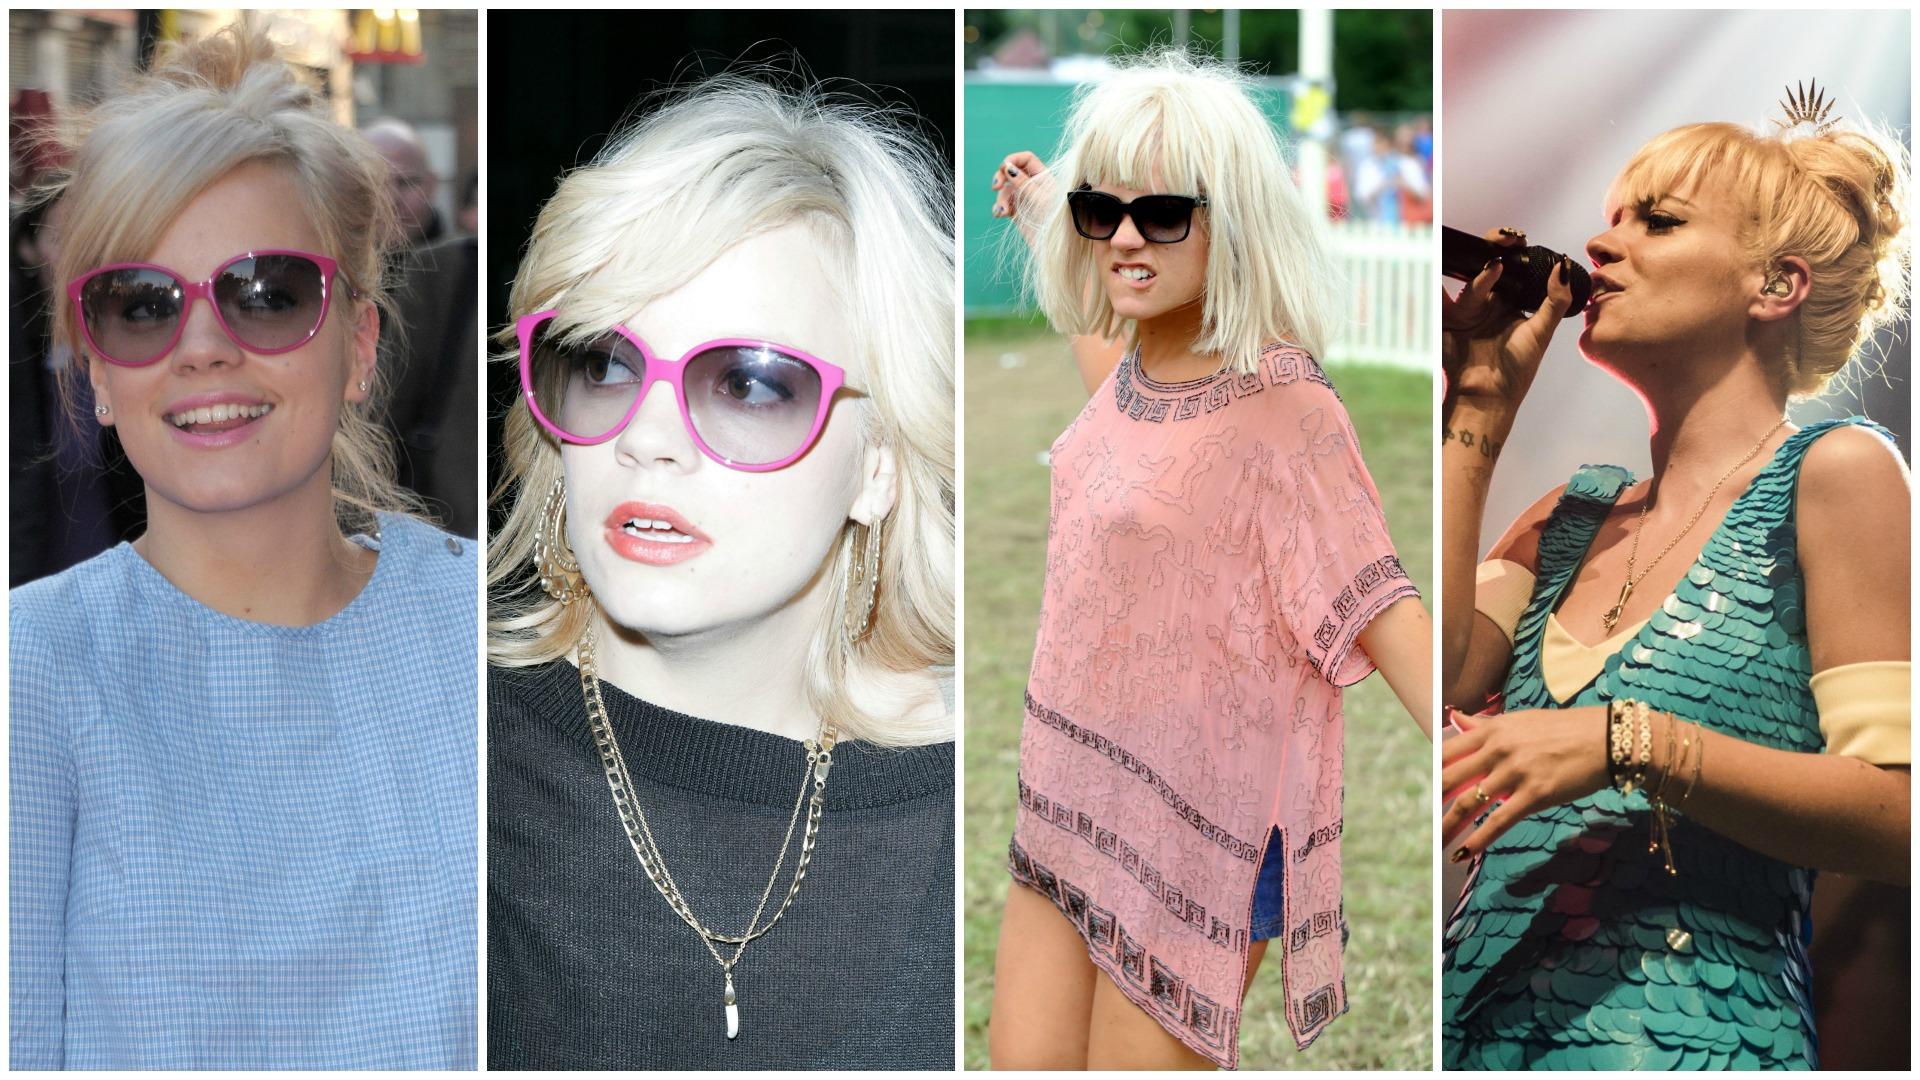 Lily Allen was blonde way before Kim Kardashian